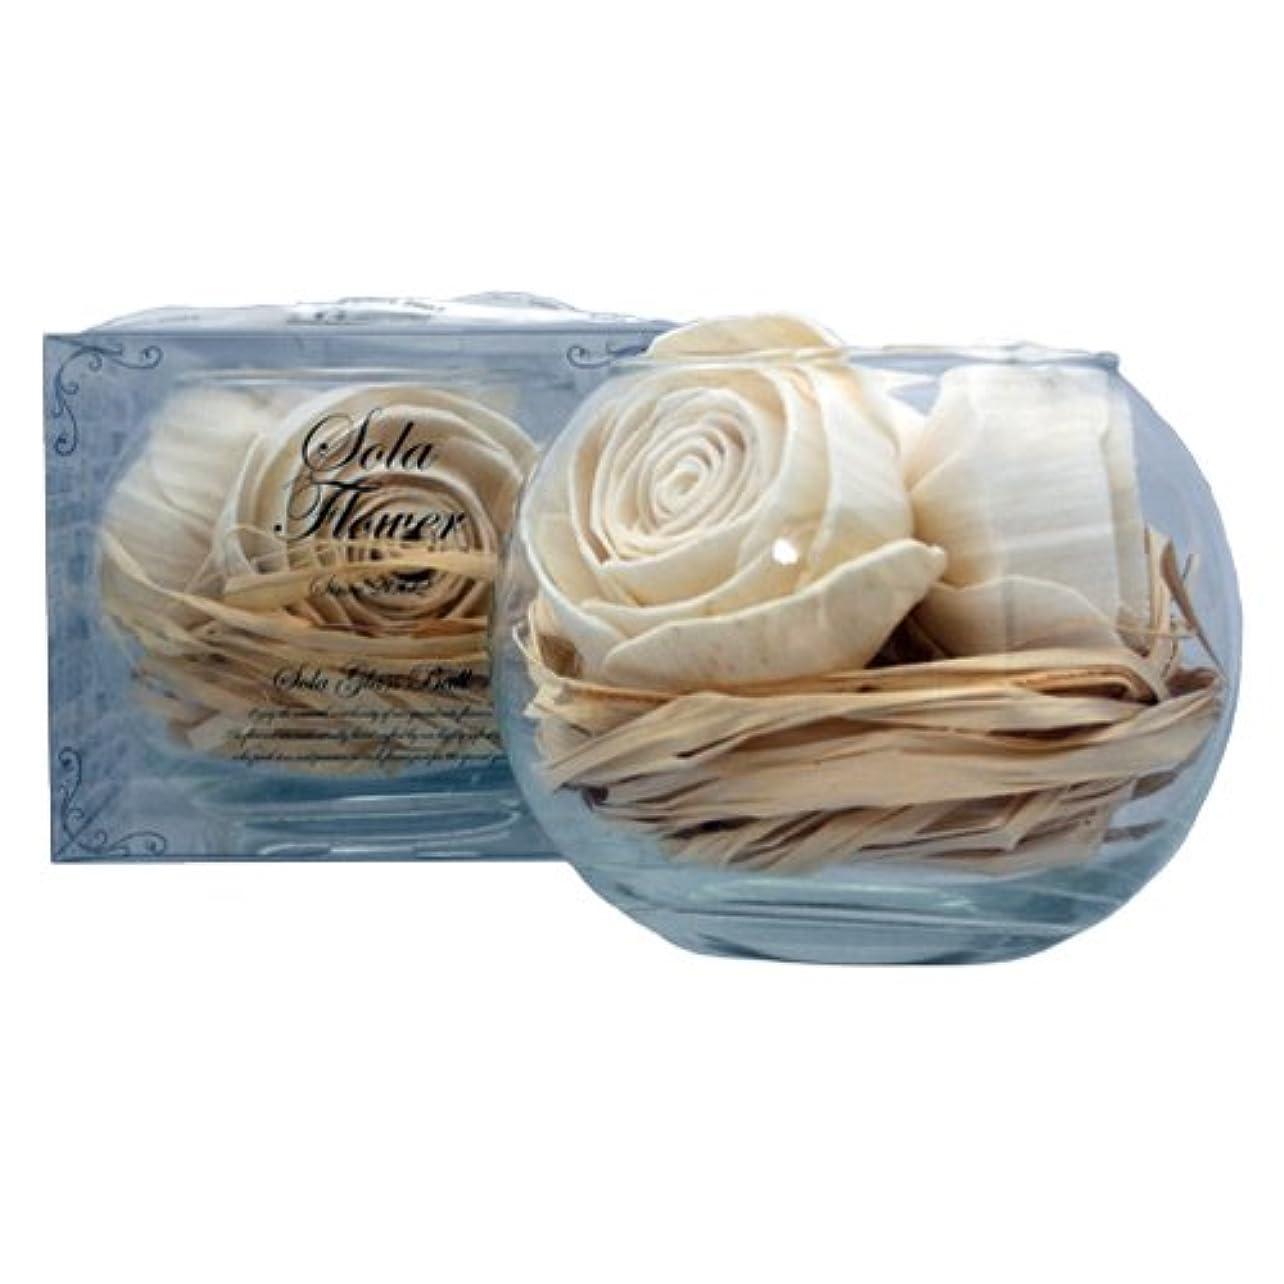 すべき頻繁にサスティーンnew Sola Flower ソラフラワー グラスボウル Original Rose オリジナルローズ Glass Bowl